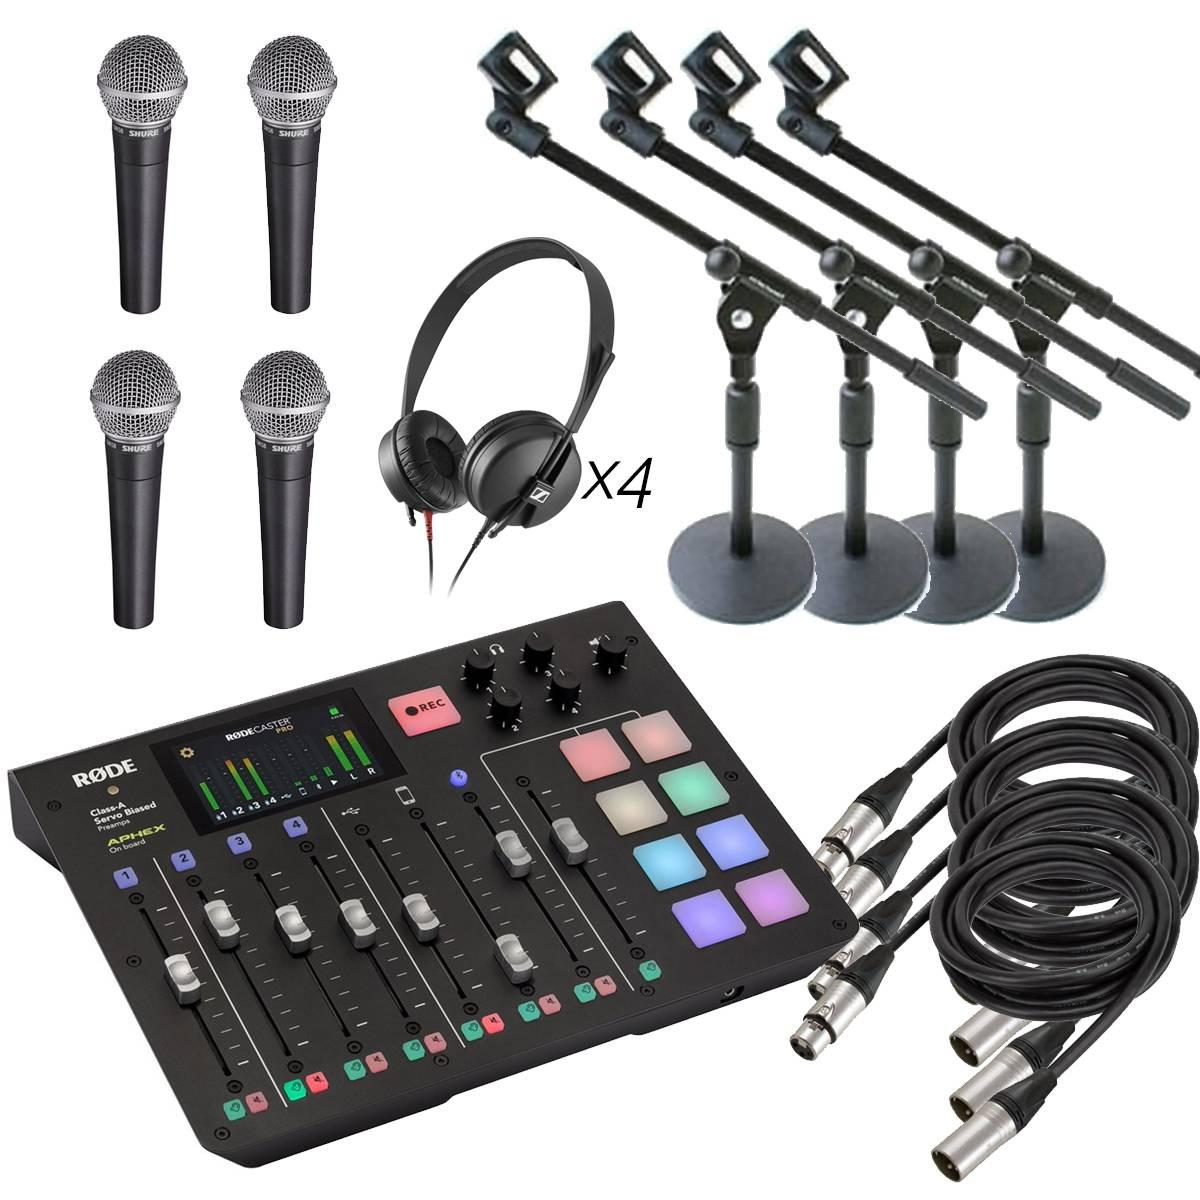 Podkast-pakke med fire mikrofoner